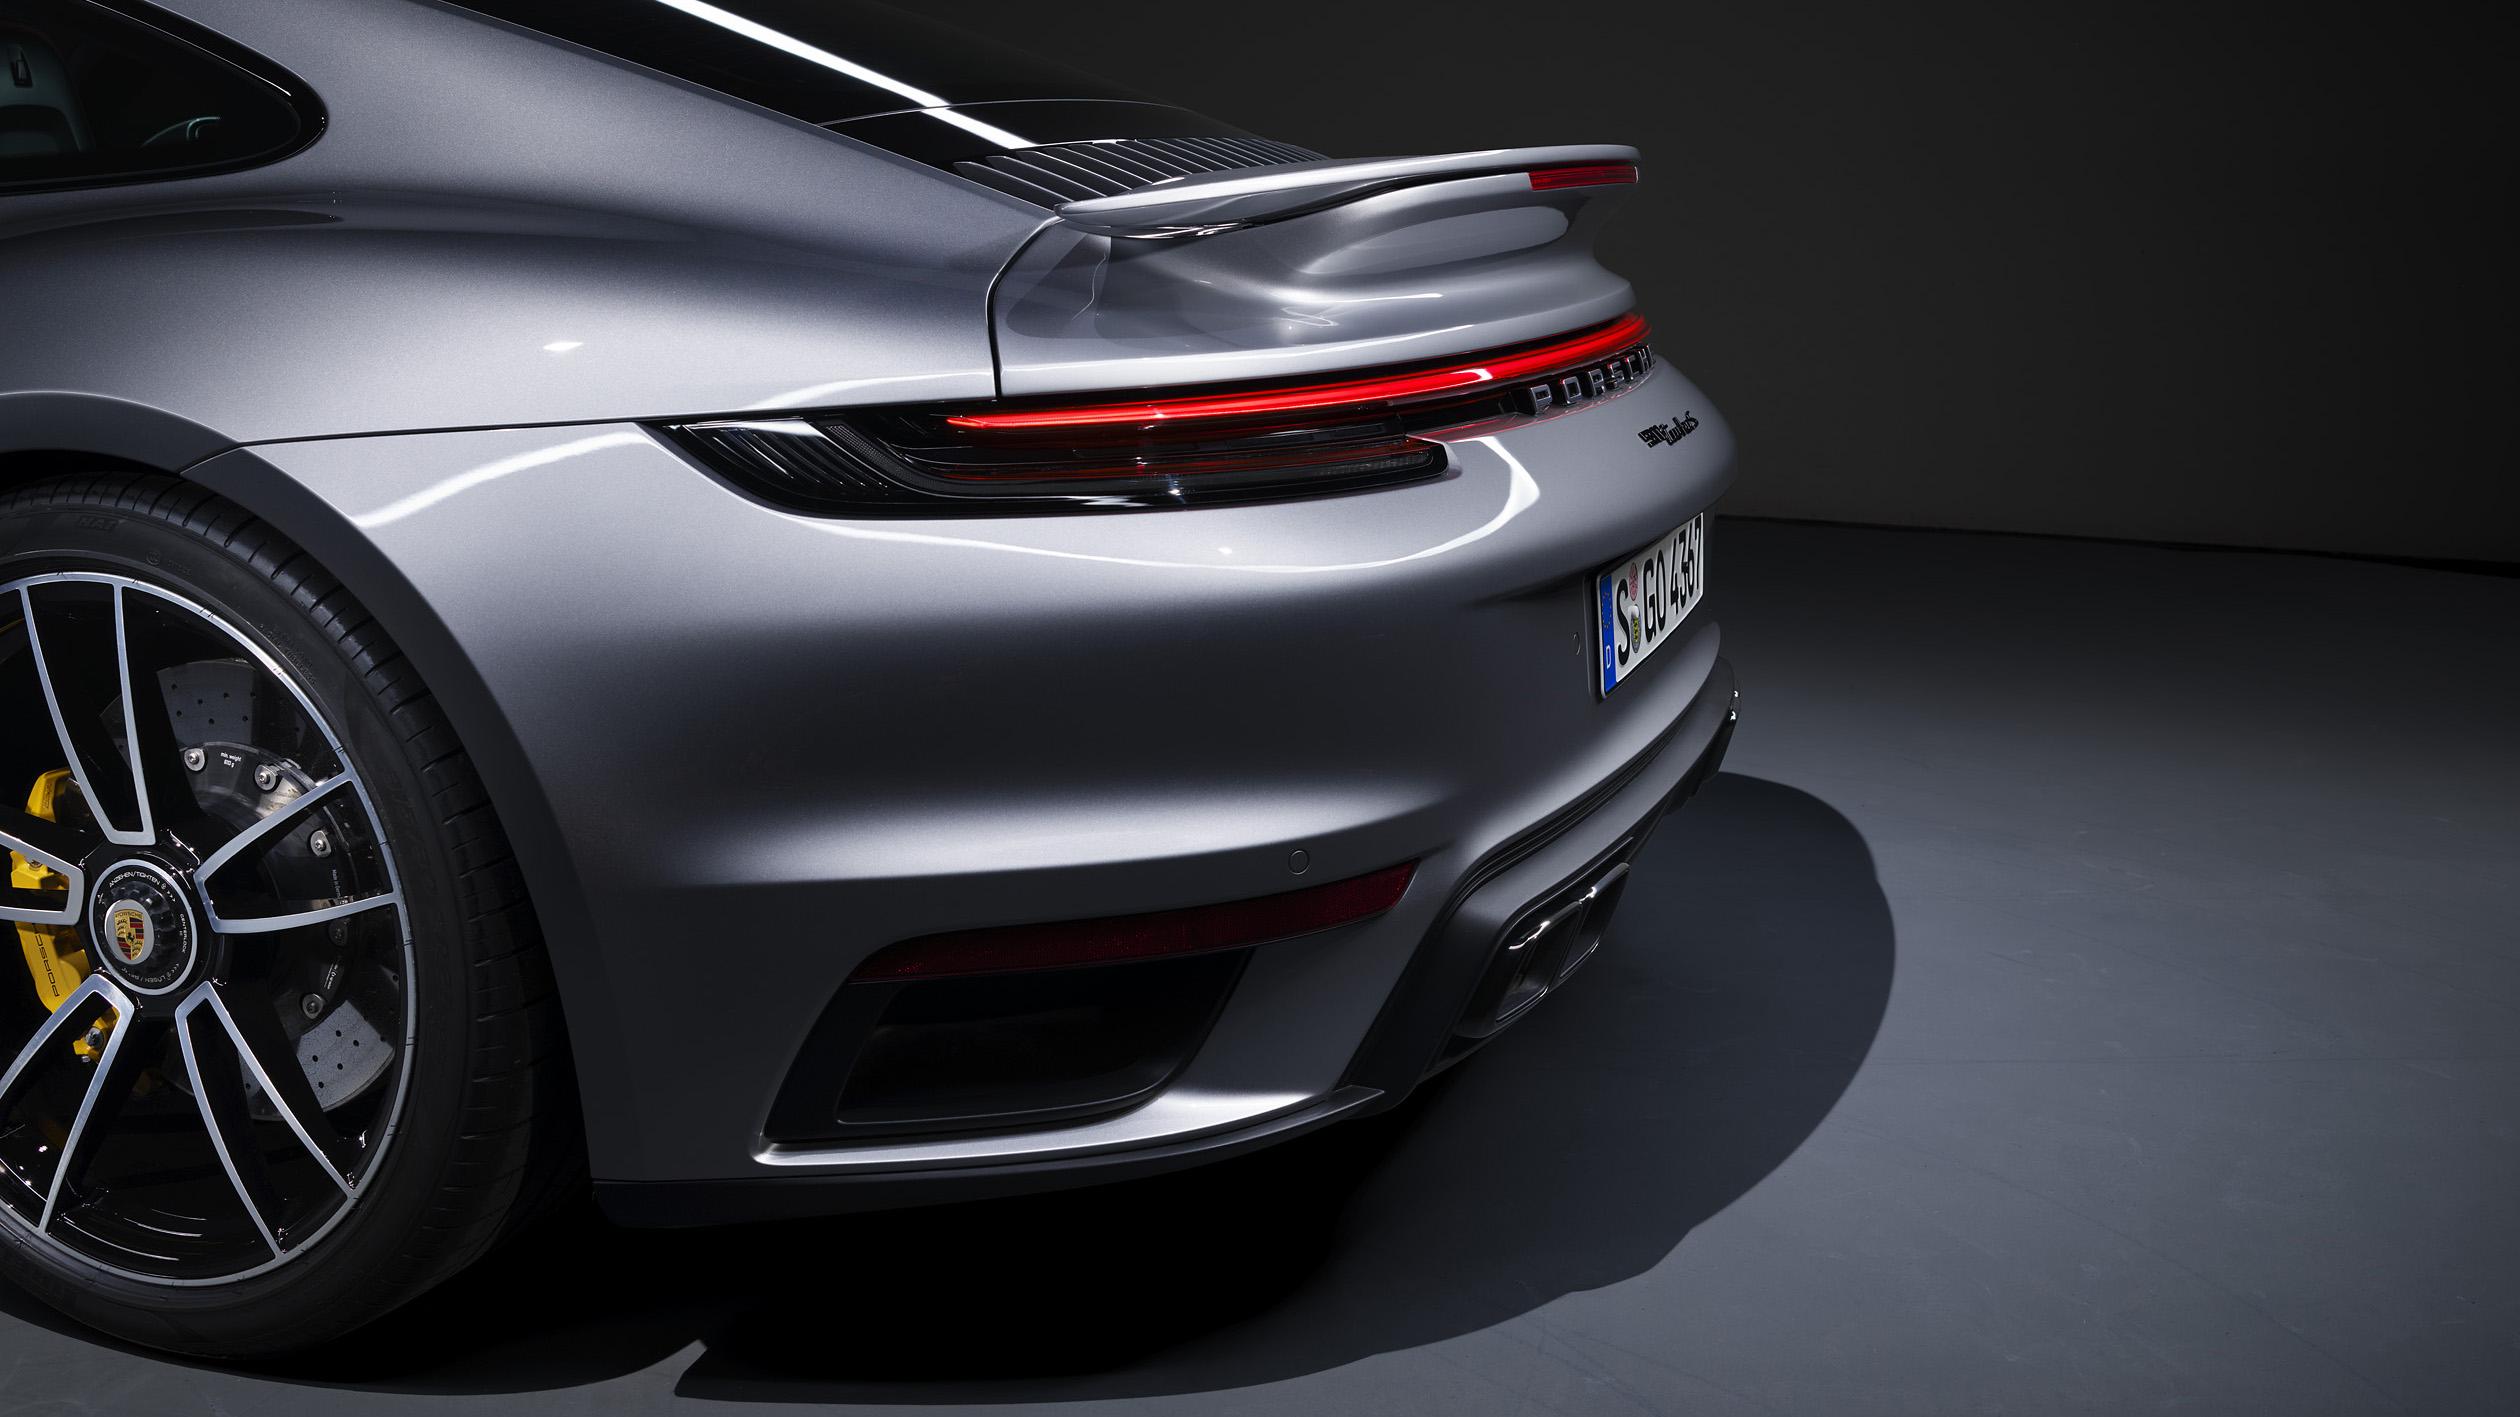 來瞧瞧 Porsche 911 Turbo S 的空氣力學黑科技